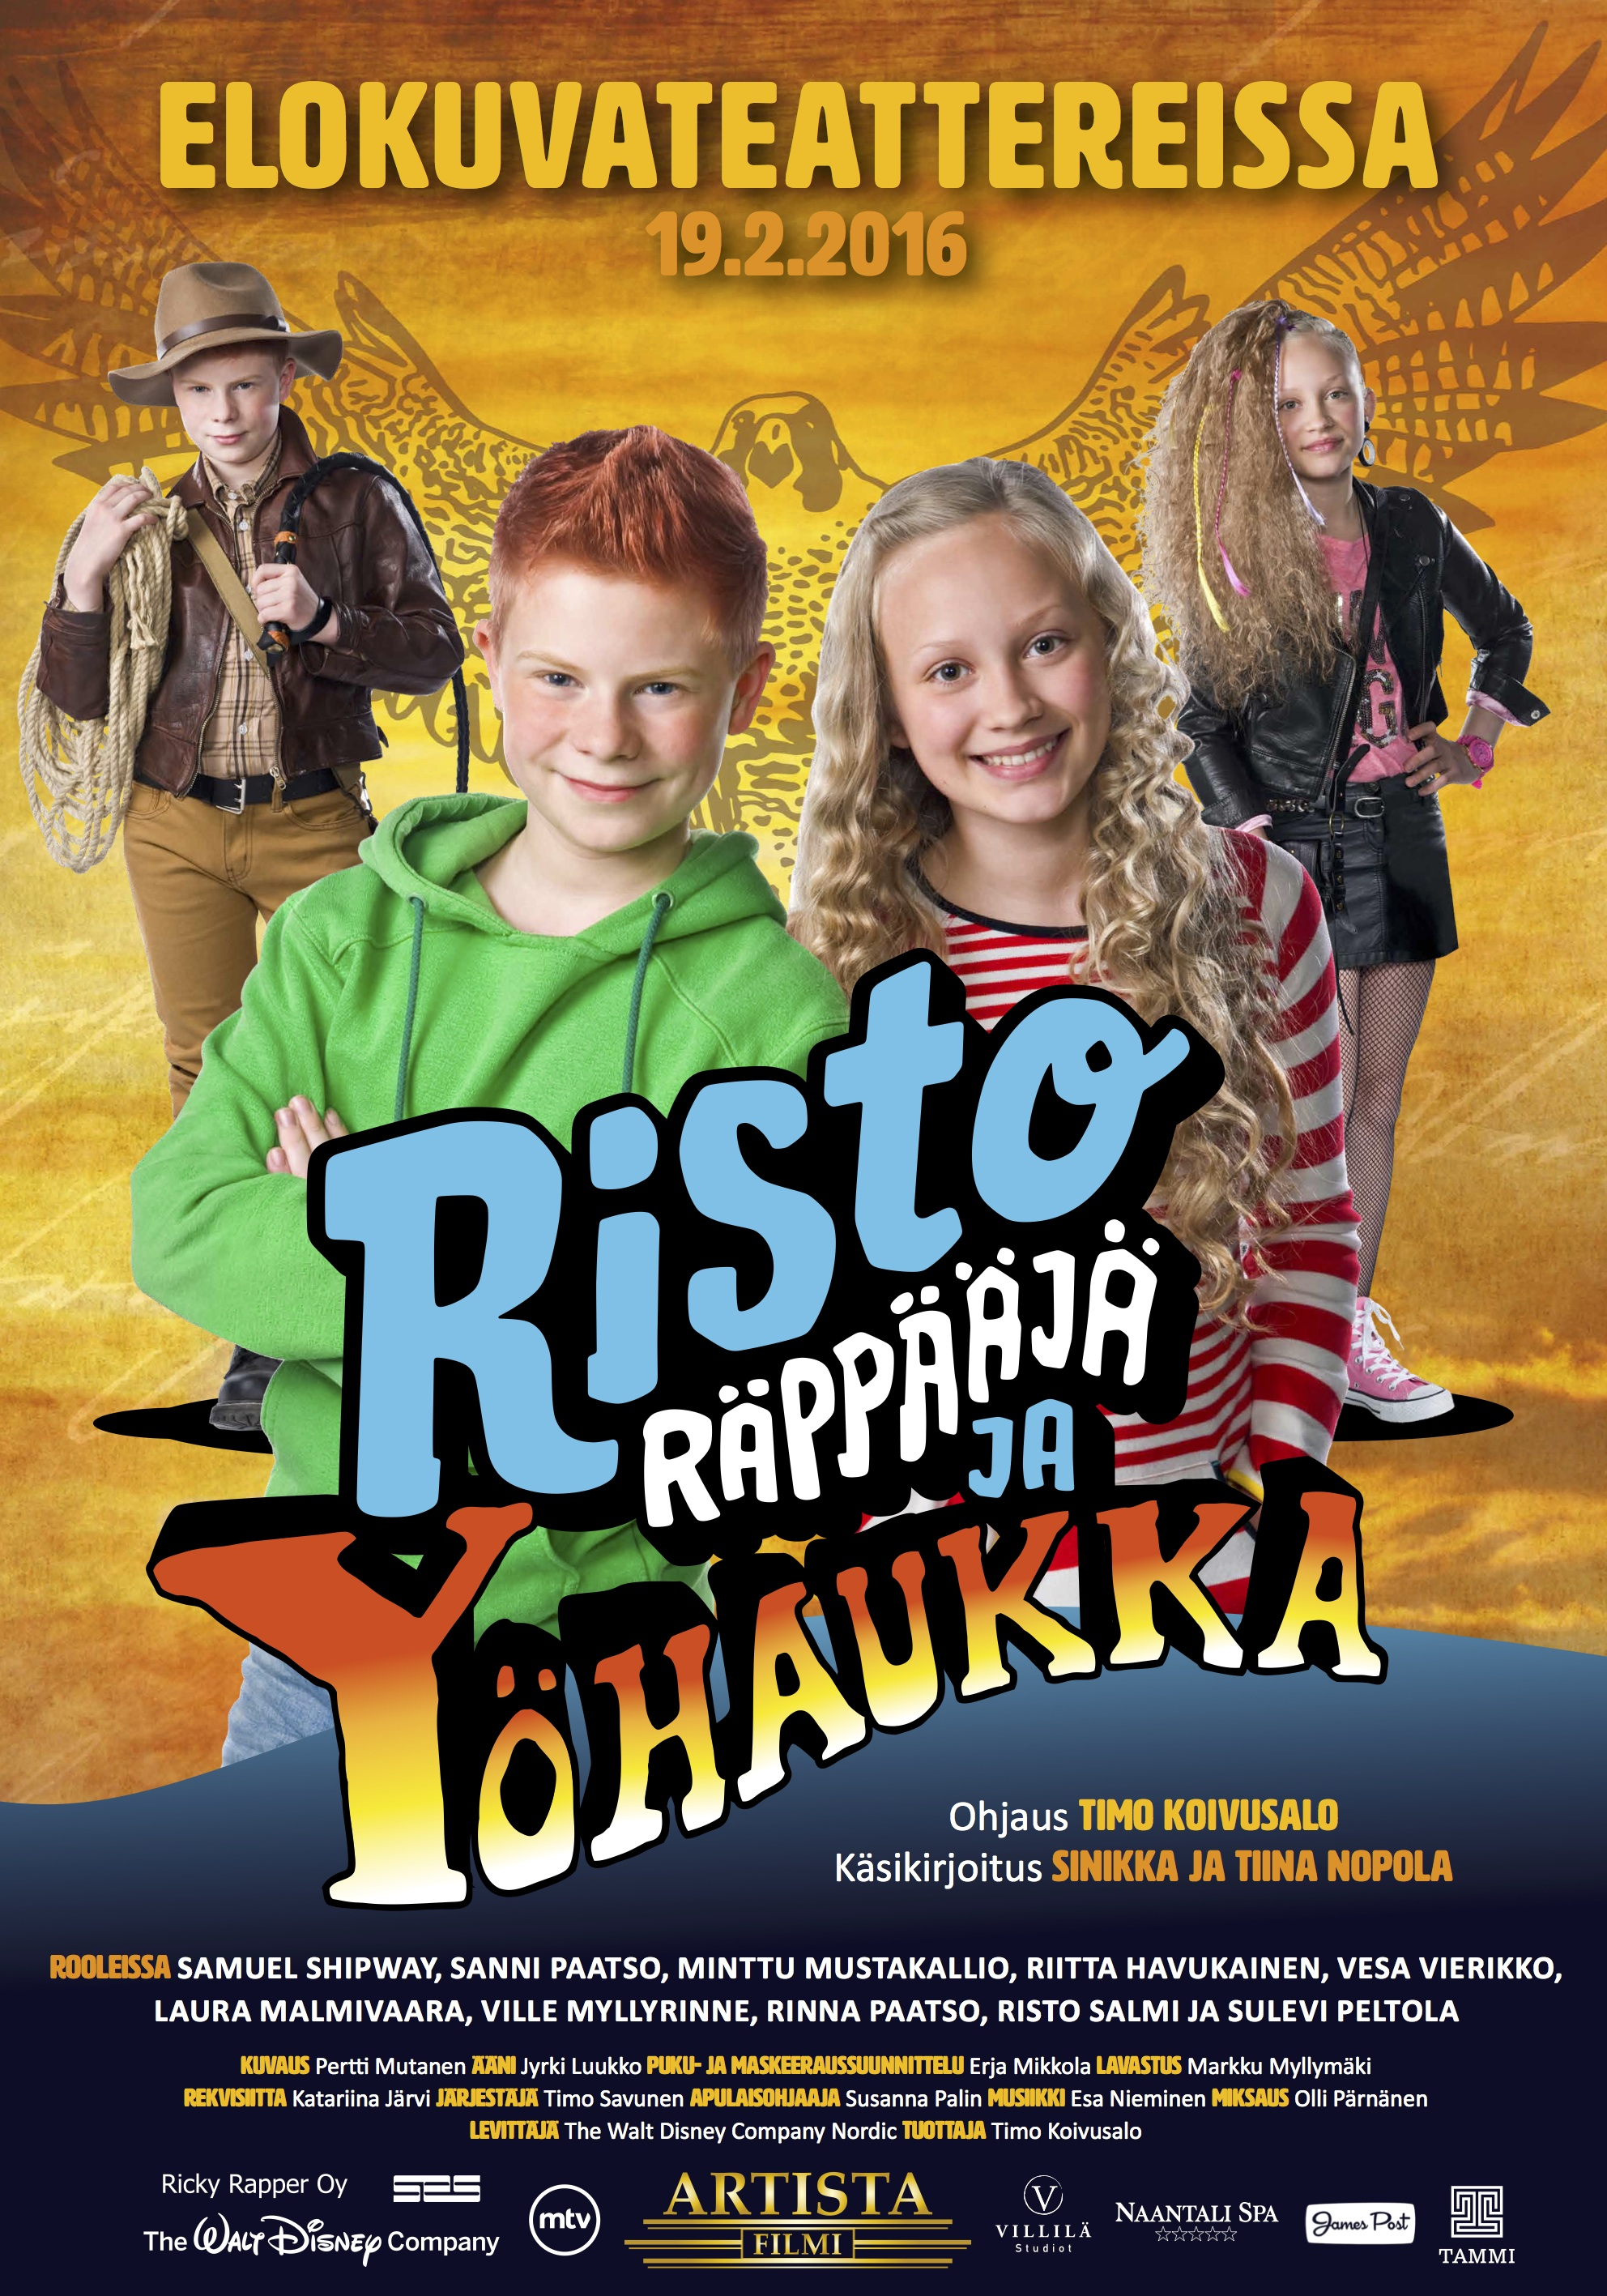 http://artistafilmi.fi/tiedostot/rr-ja-yohaukka-juliste.jpg